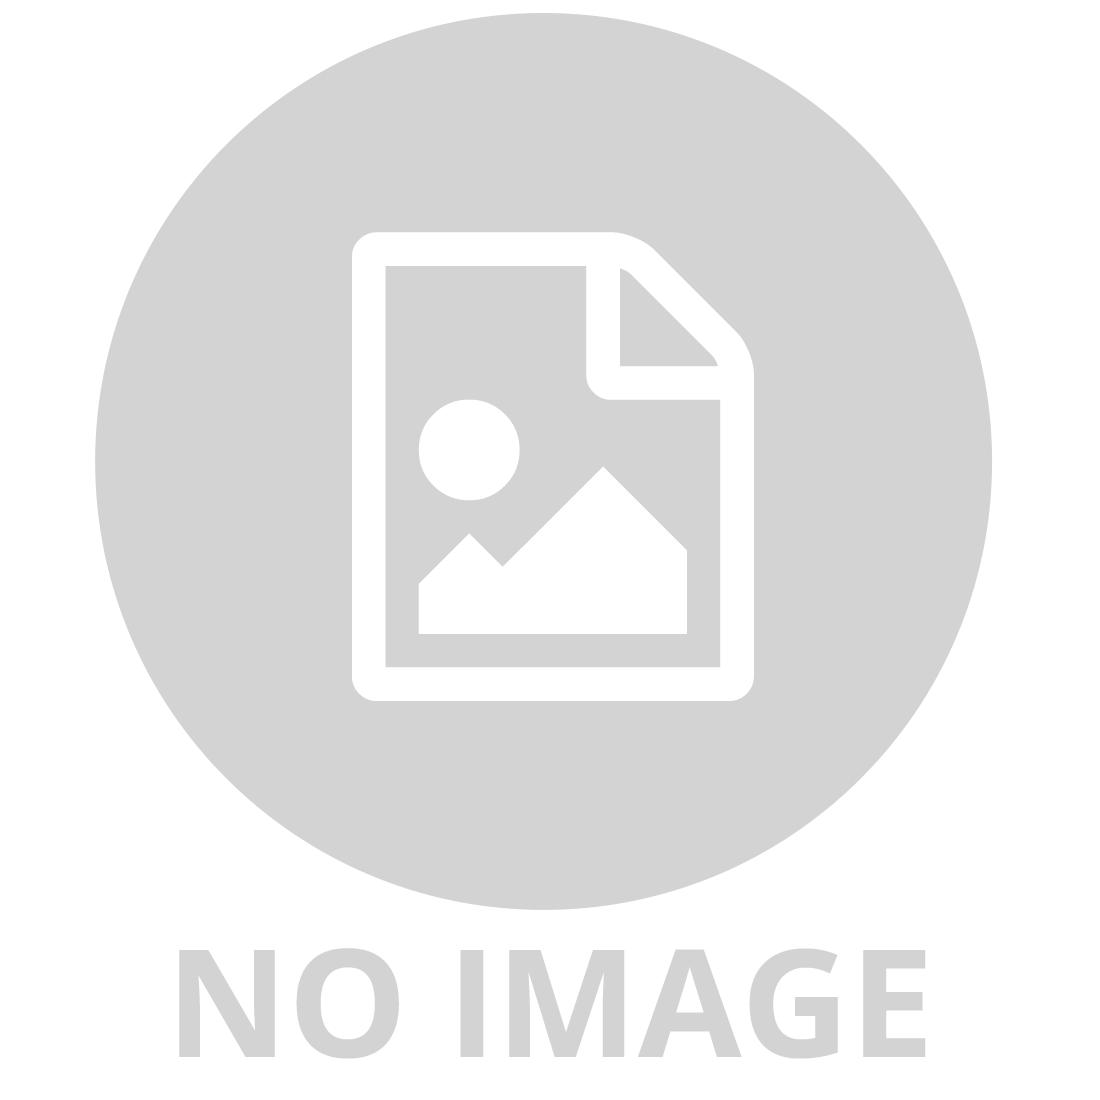 RAVENSBURGER- SPRING AWAKENING PUZZLE LARGE FORMAT 300PCE